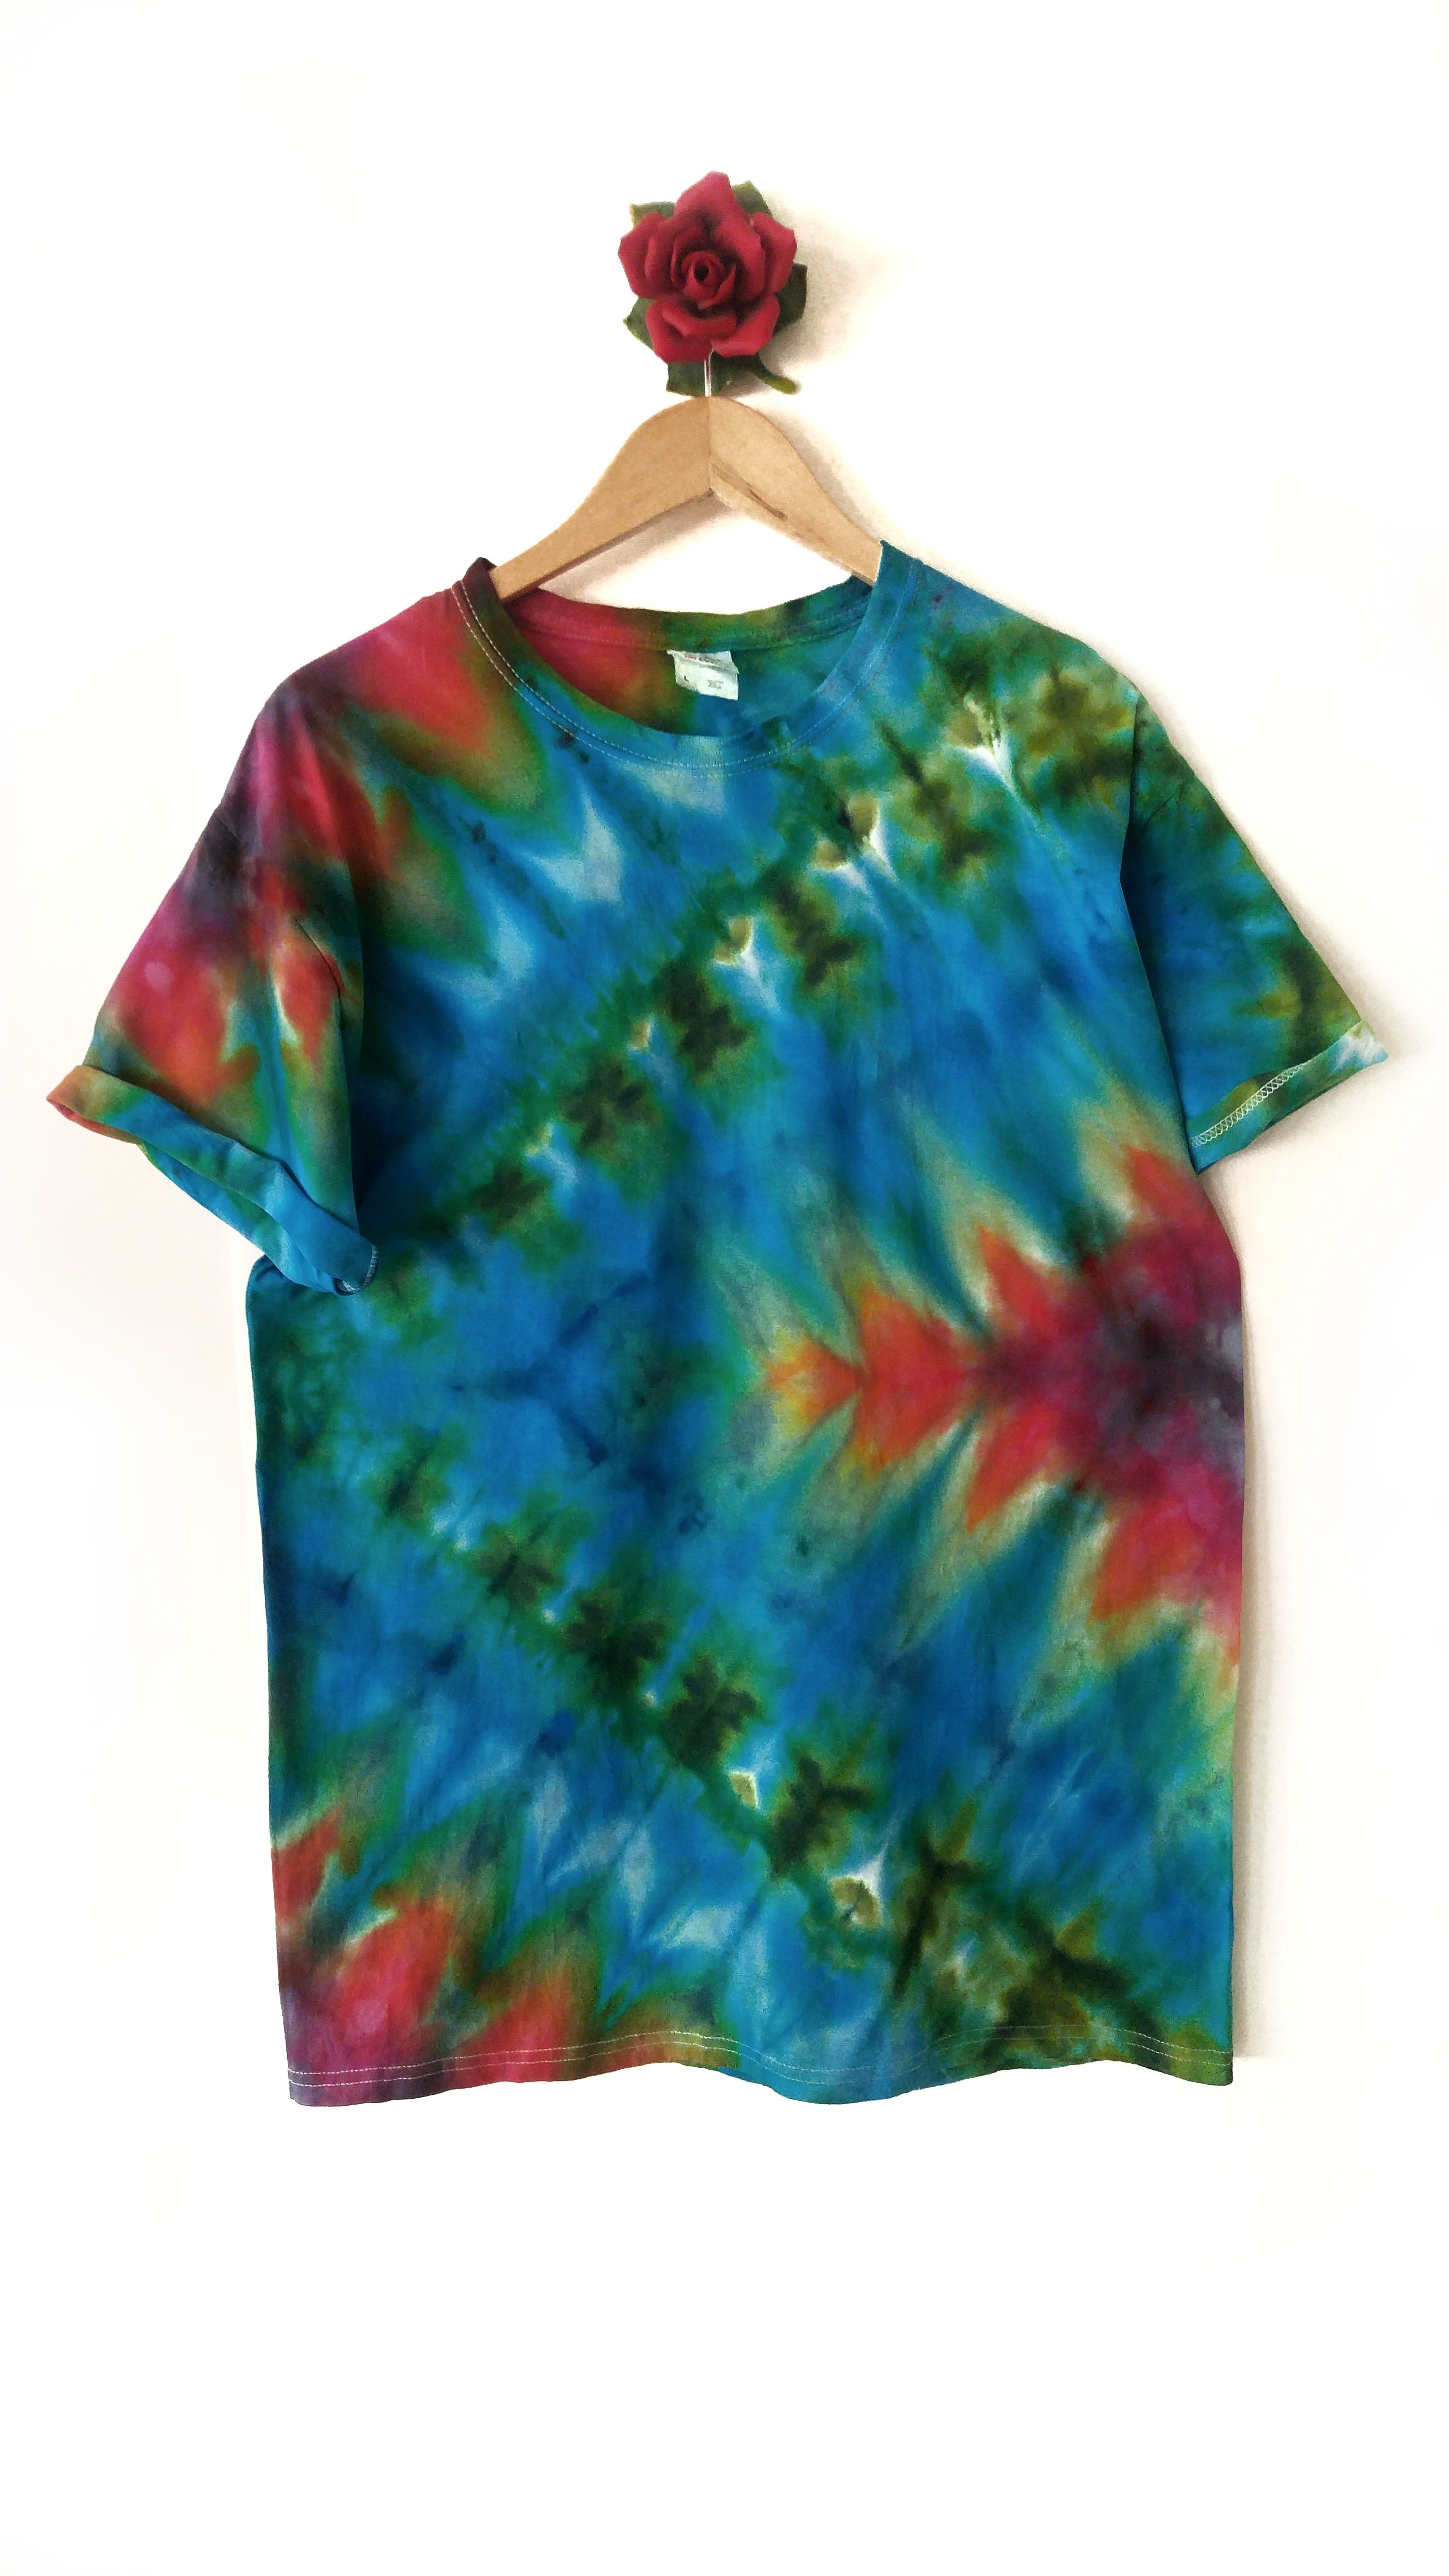 Fruit of the Loom Brand Tshirt Size UNISEX Large Ice Dyed